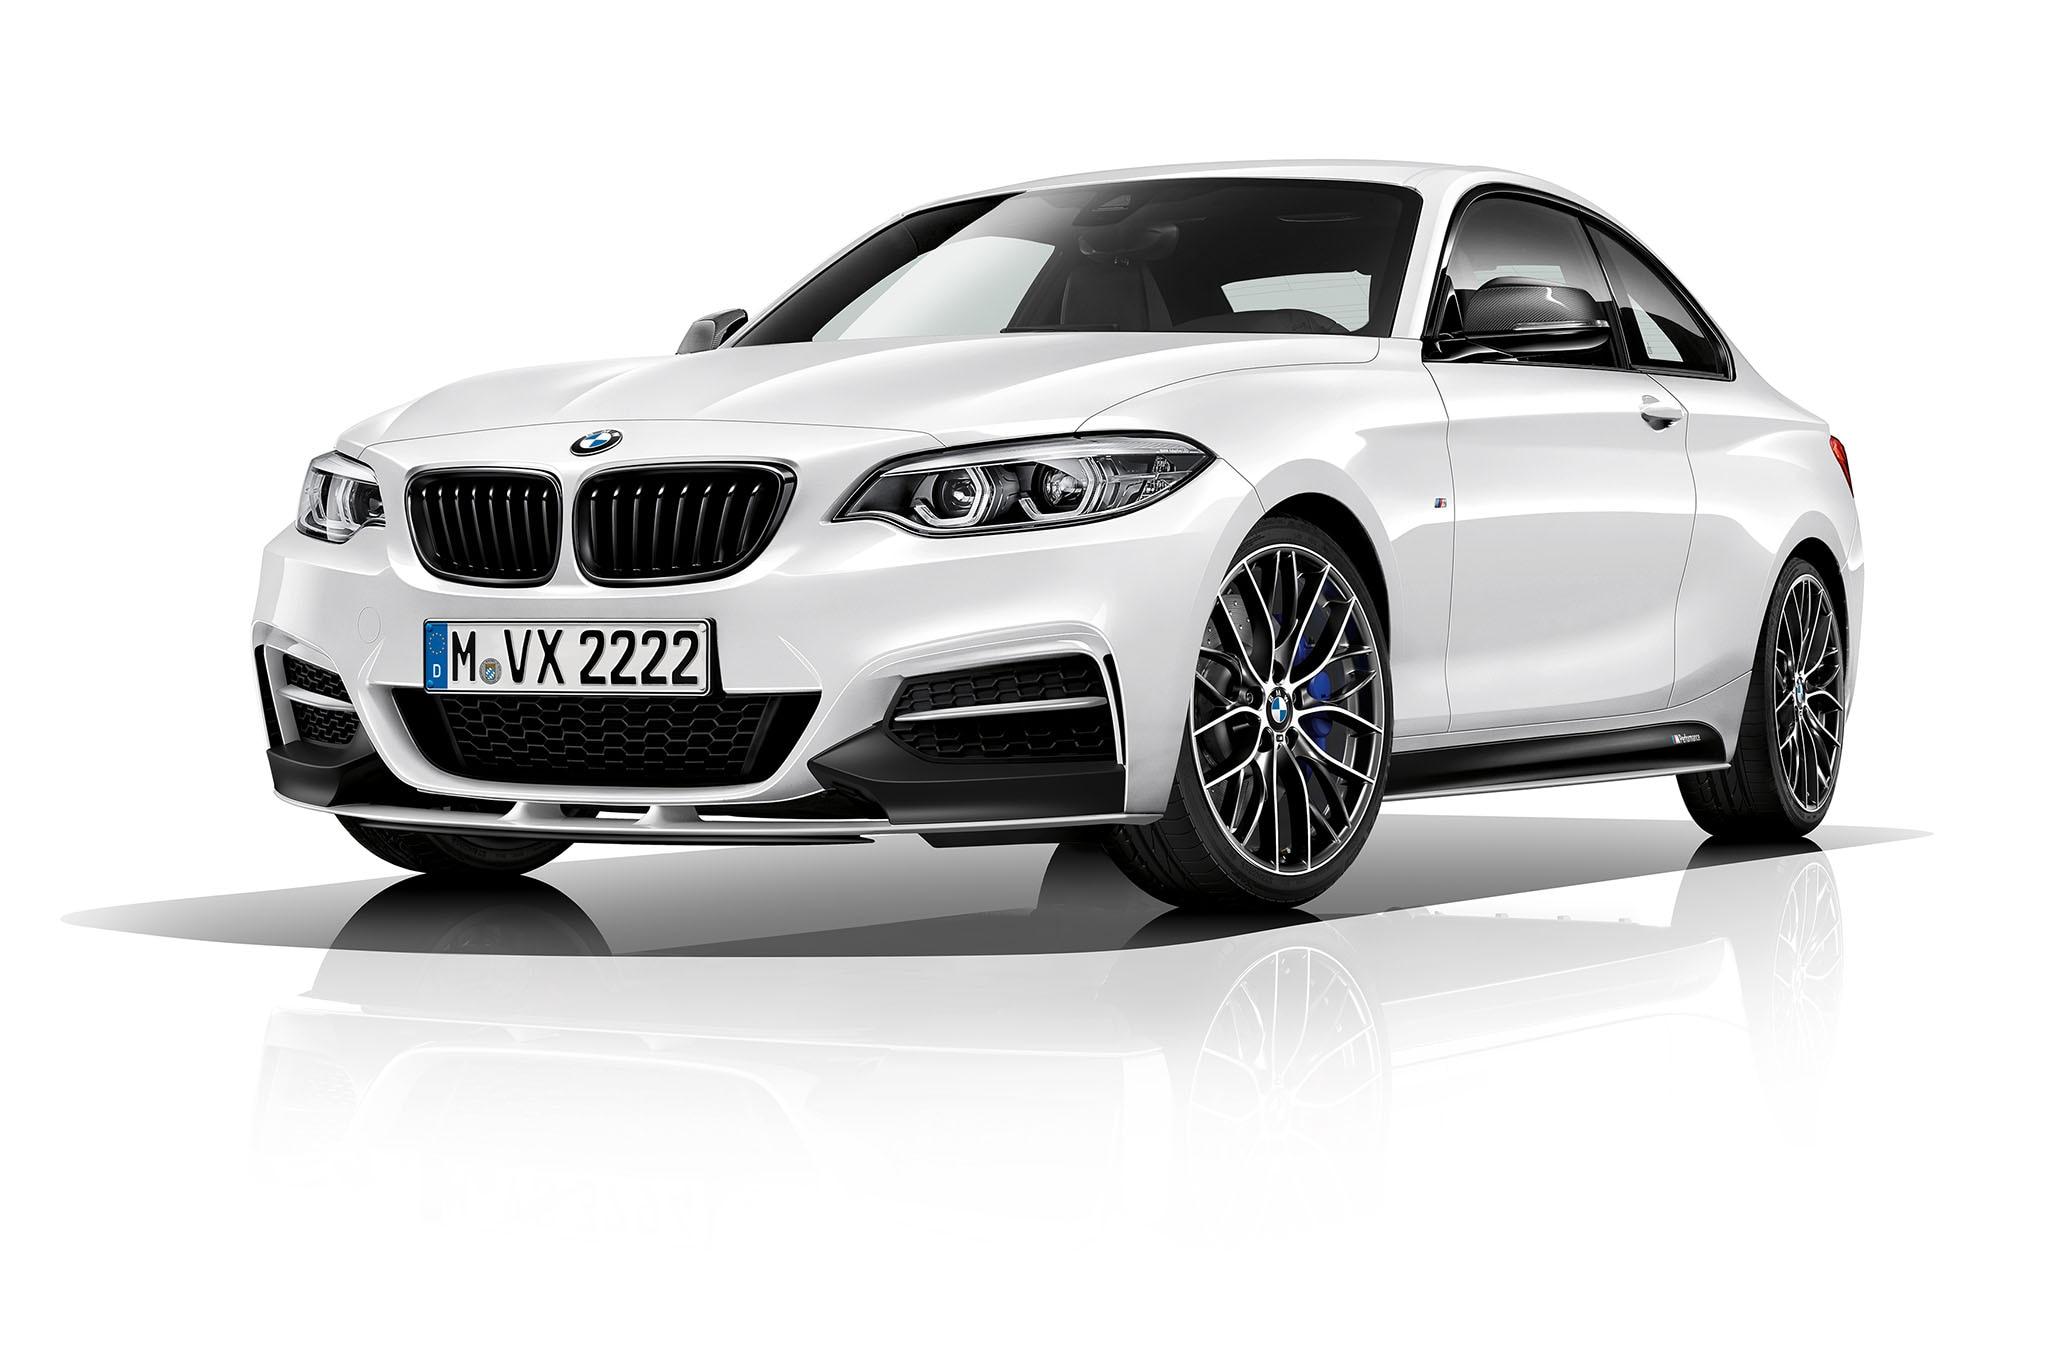 Future Luxury Cars: Jaguar XJ, BMW 5/6 Series, and Infiniti Q60